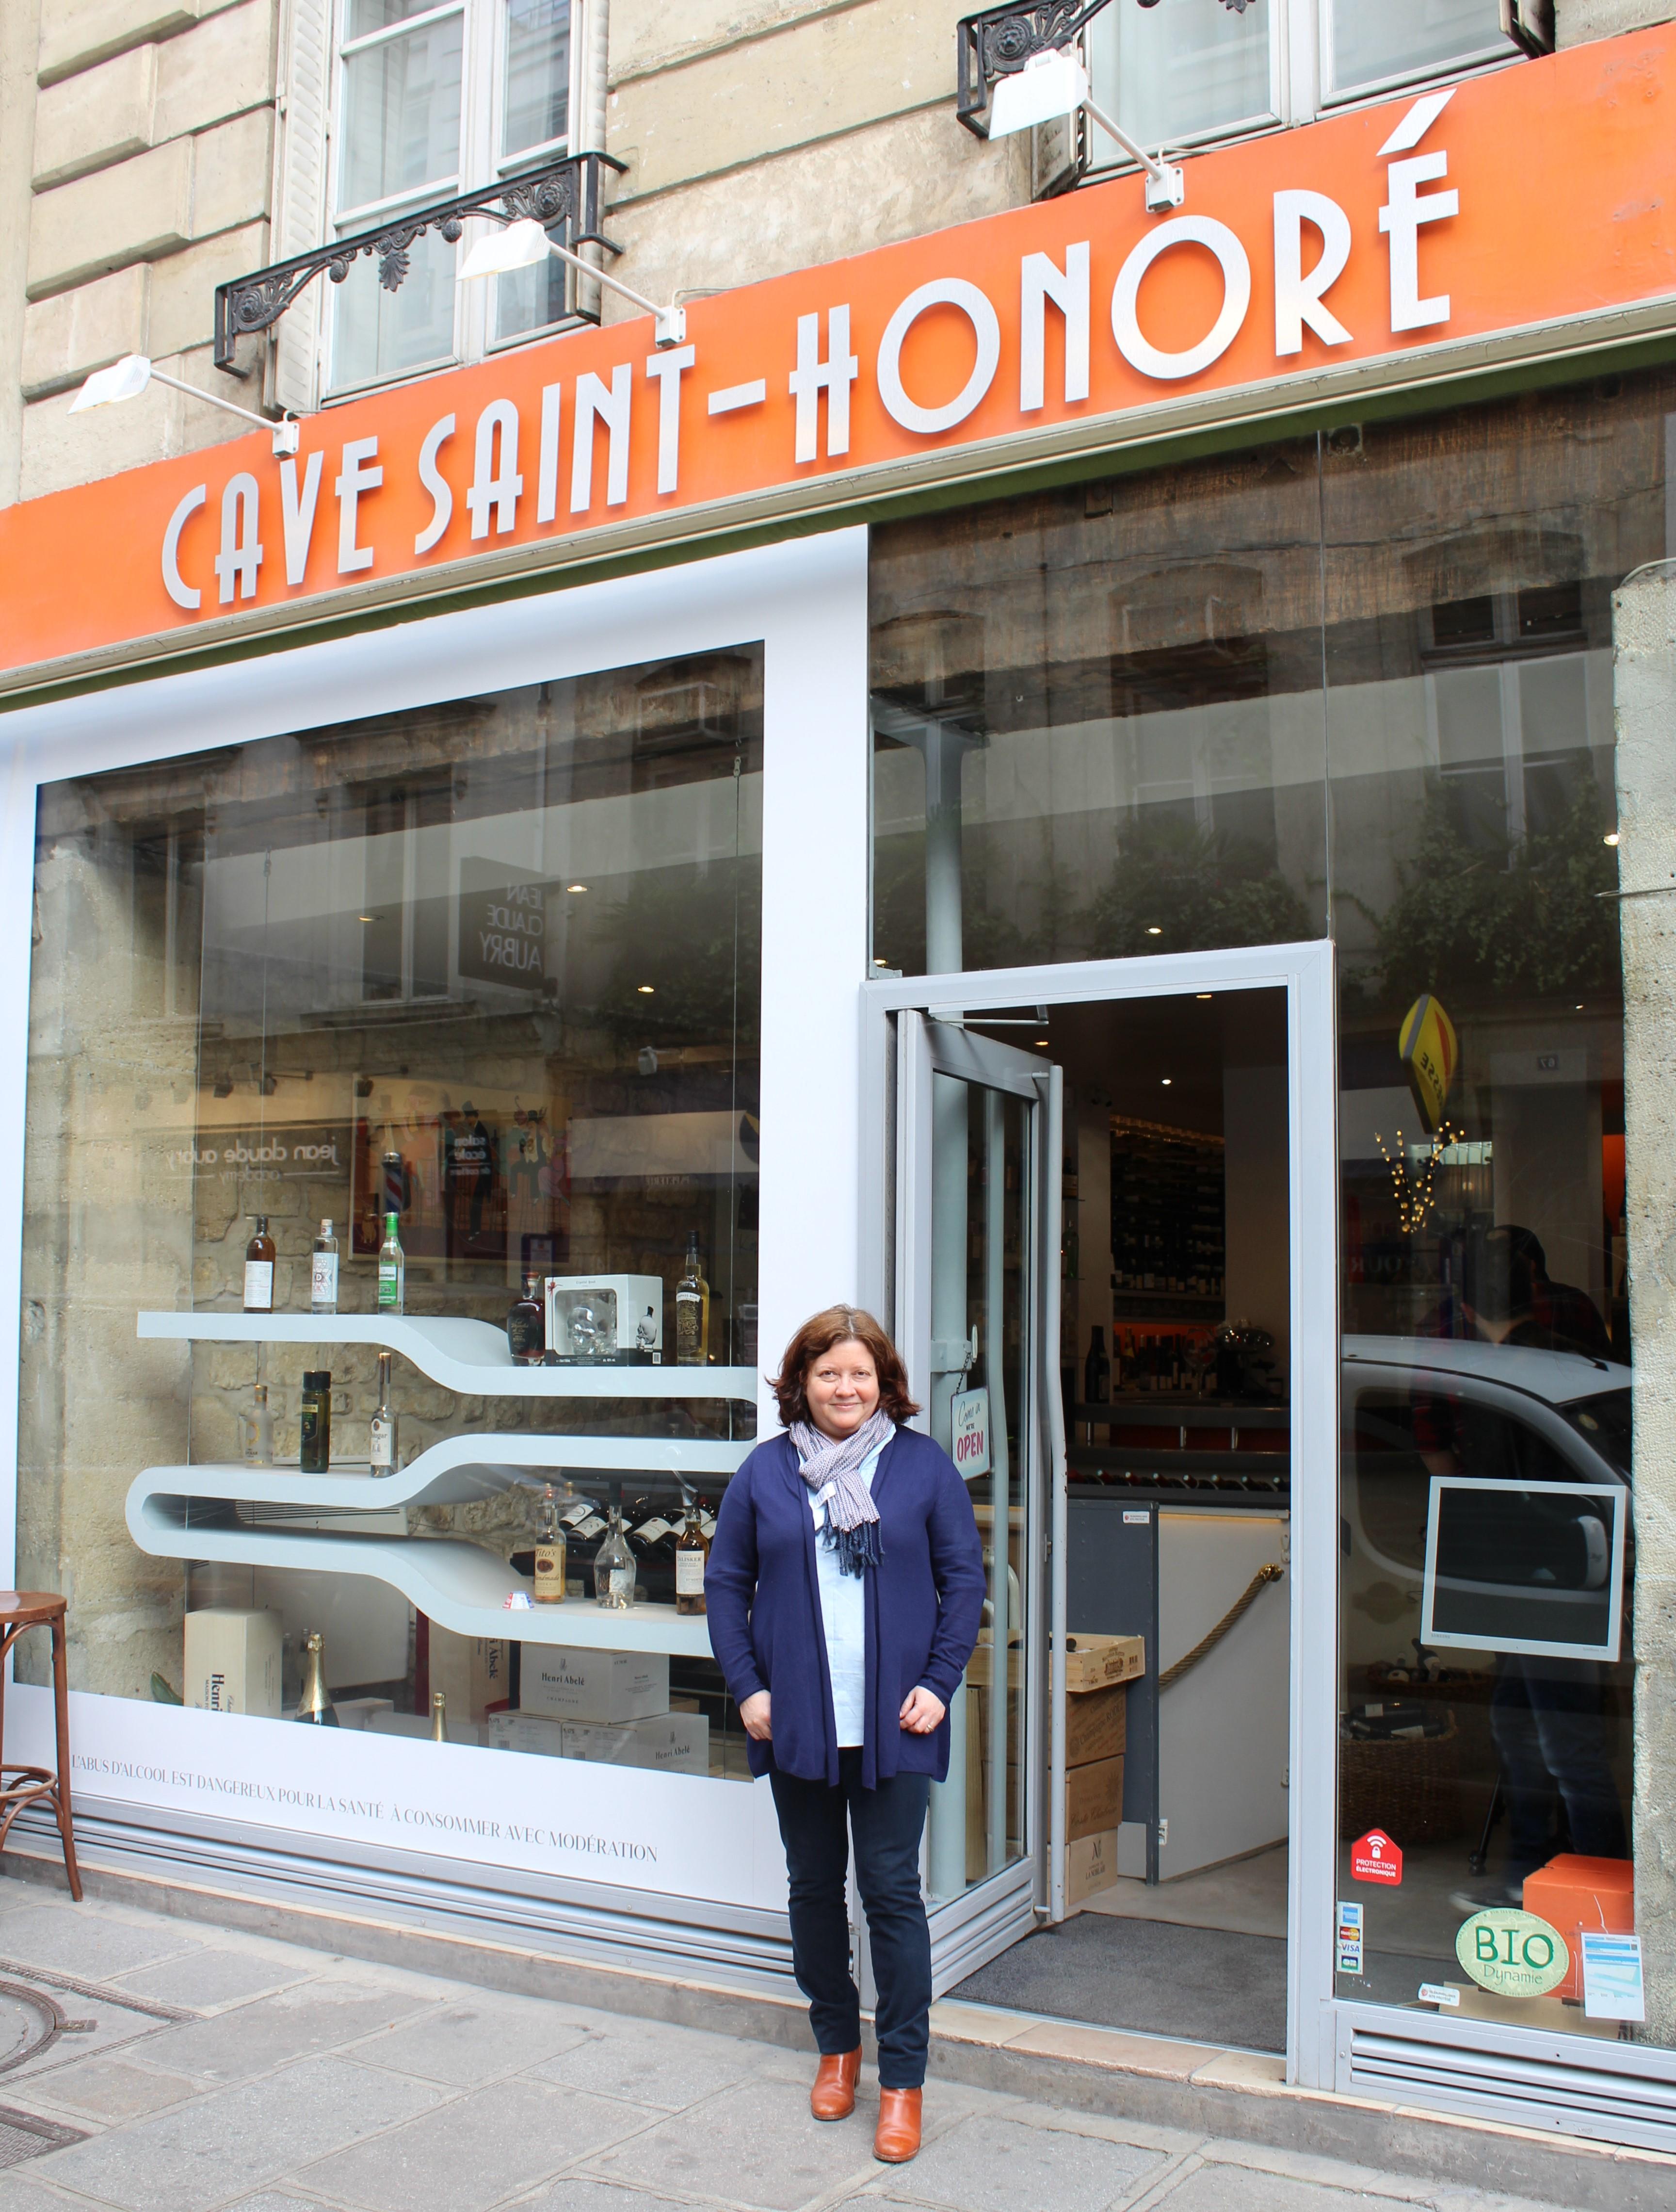 Cave Saint Honoré Paris - Message In A Window